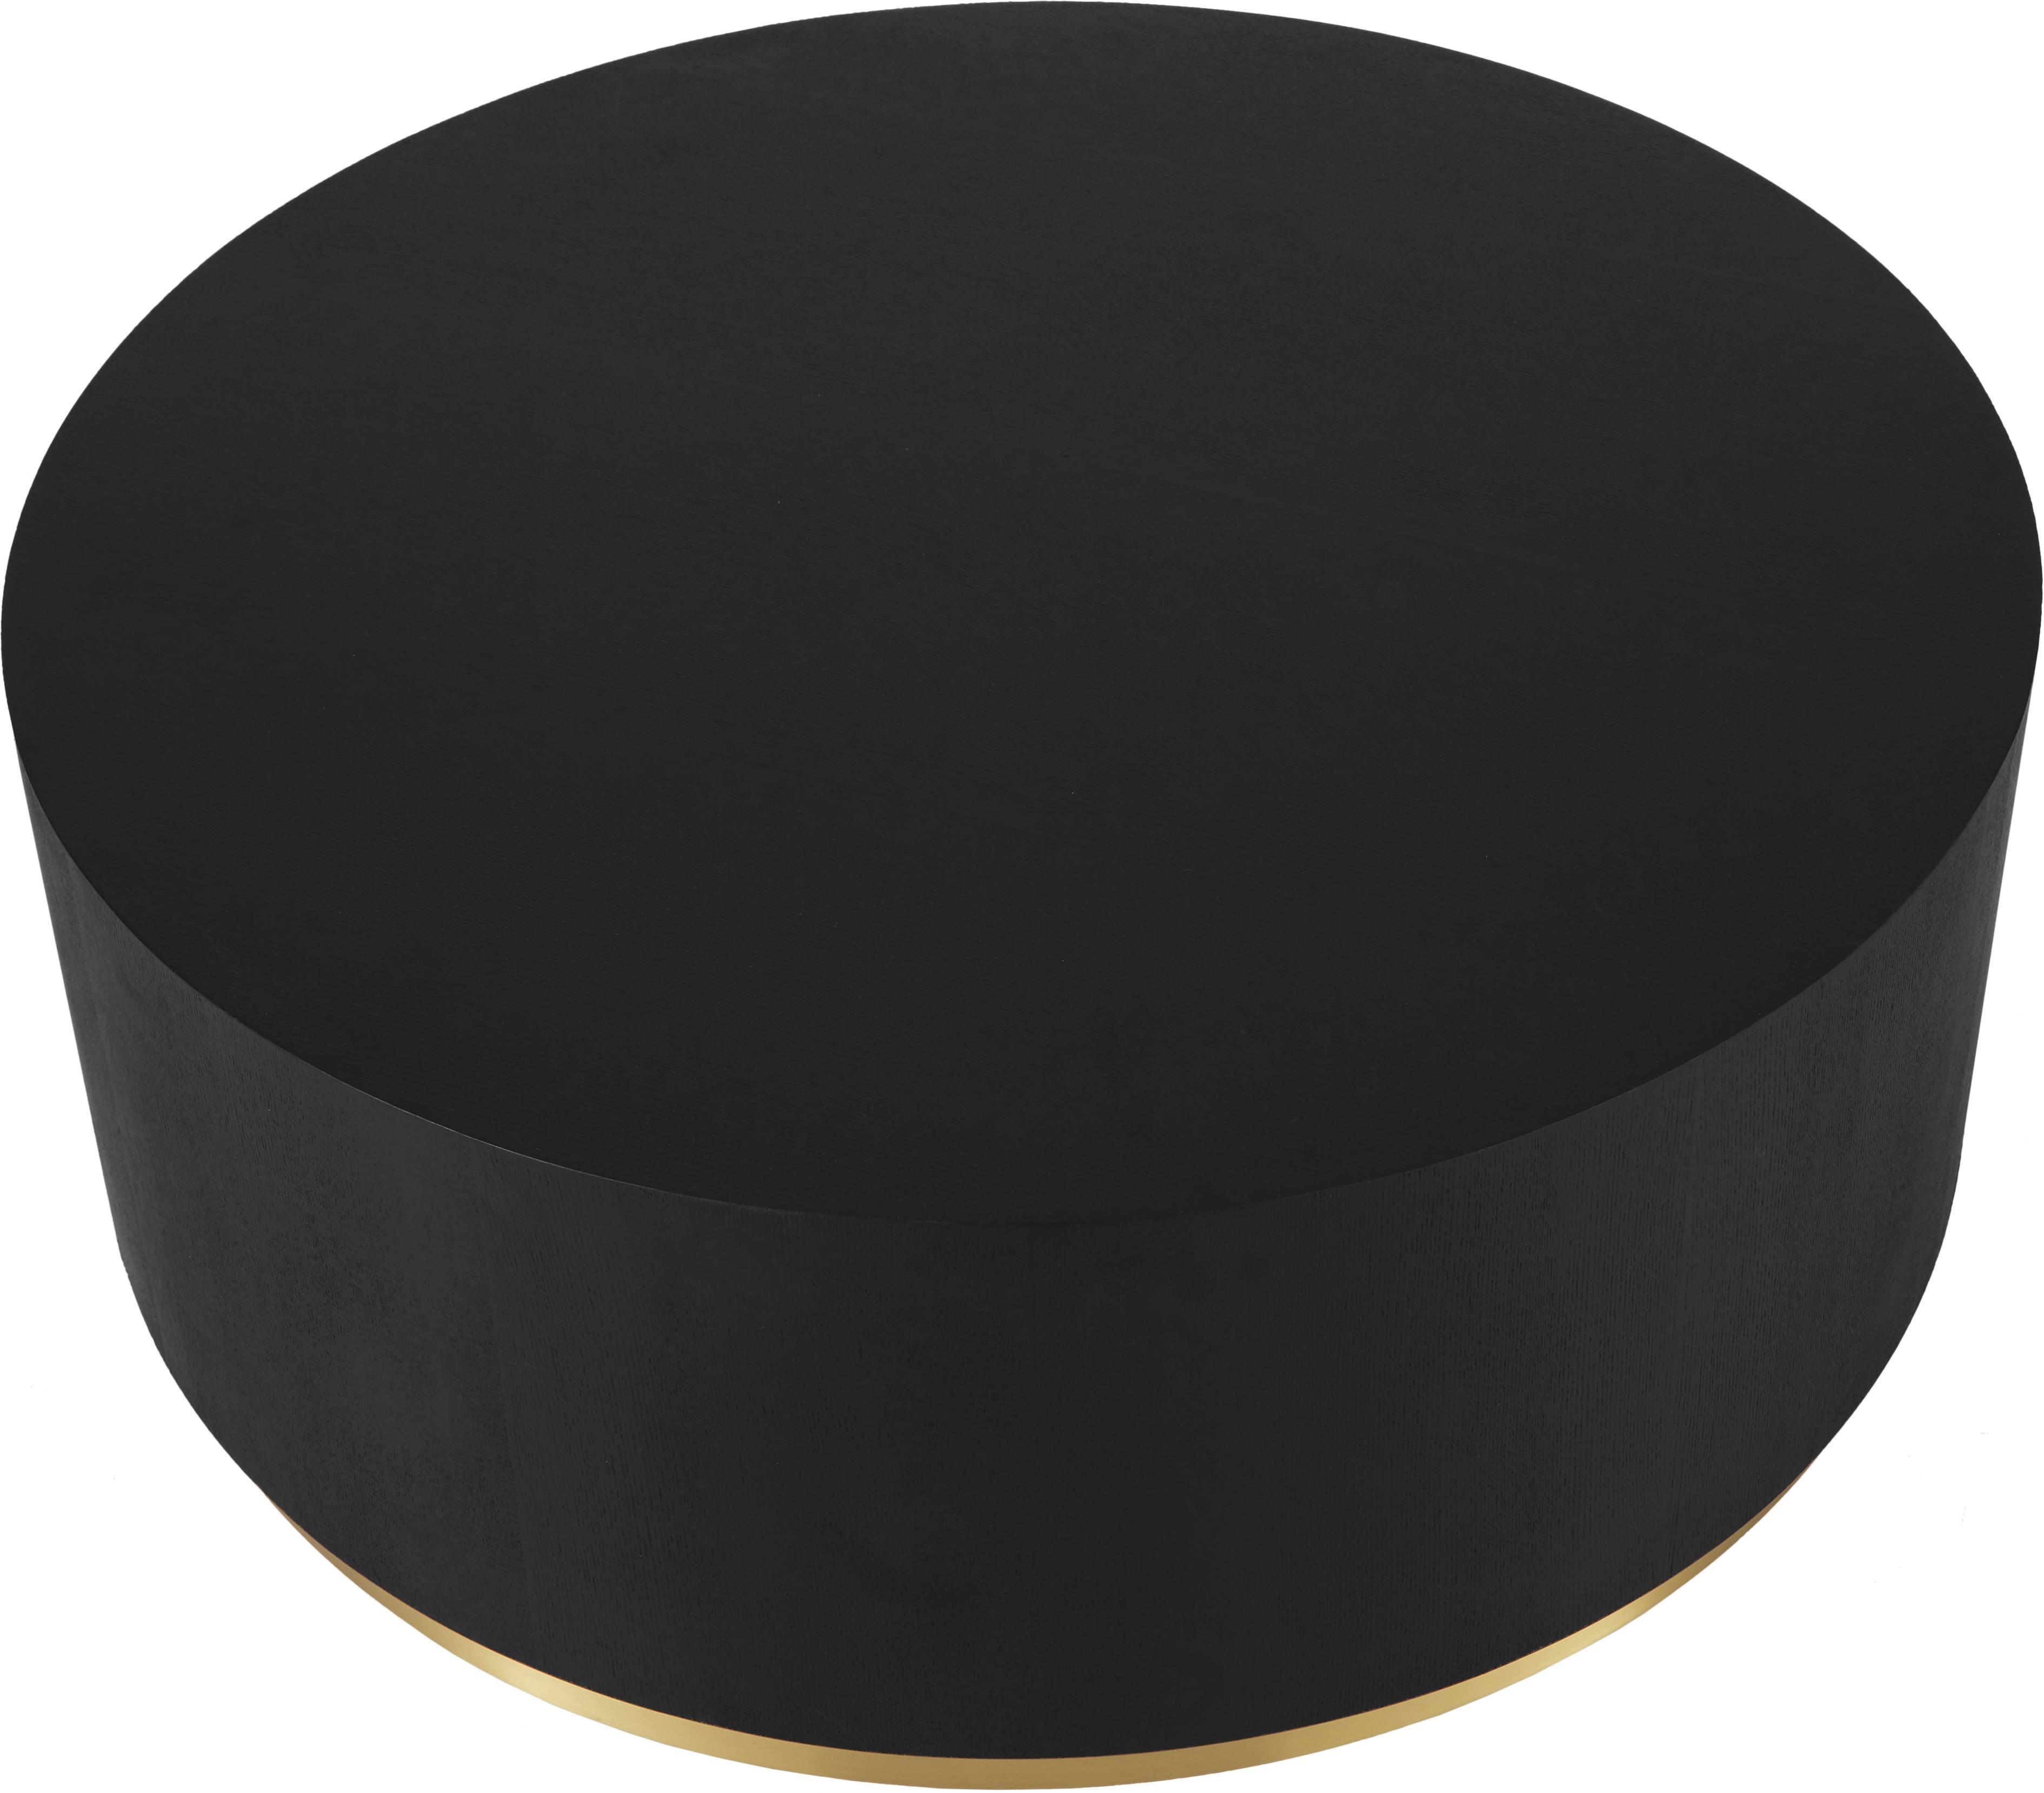 Grosser Couchtisch Clarice in Schwarz, Korpus: Mitteldichte Holzfaserpla, Korpus: Eichenholz, schwarz lackiertFuss: Goldfarben, Ø 90 x H 35 cm